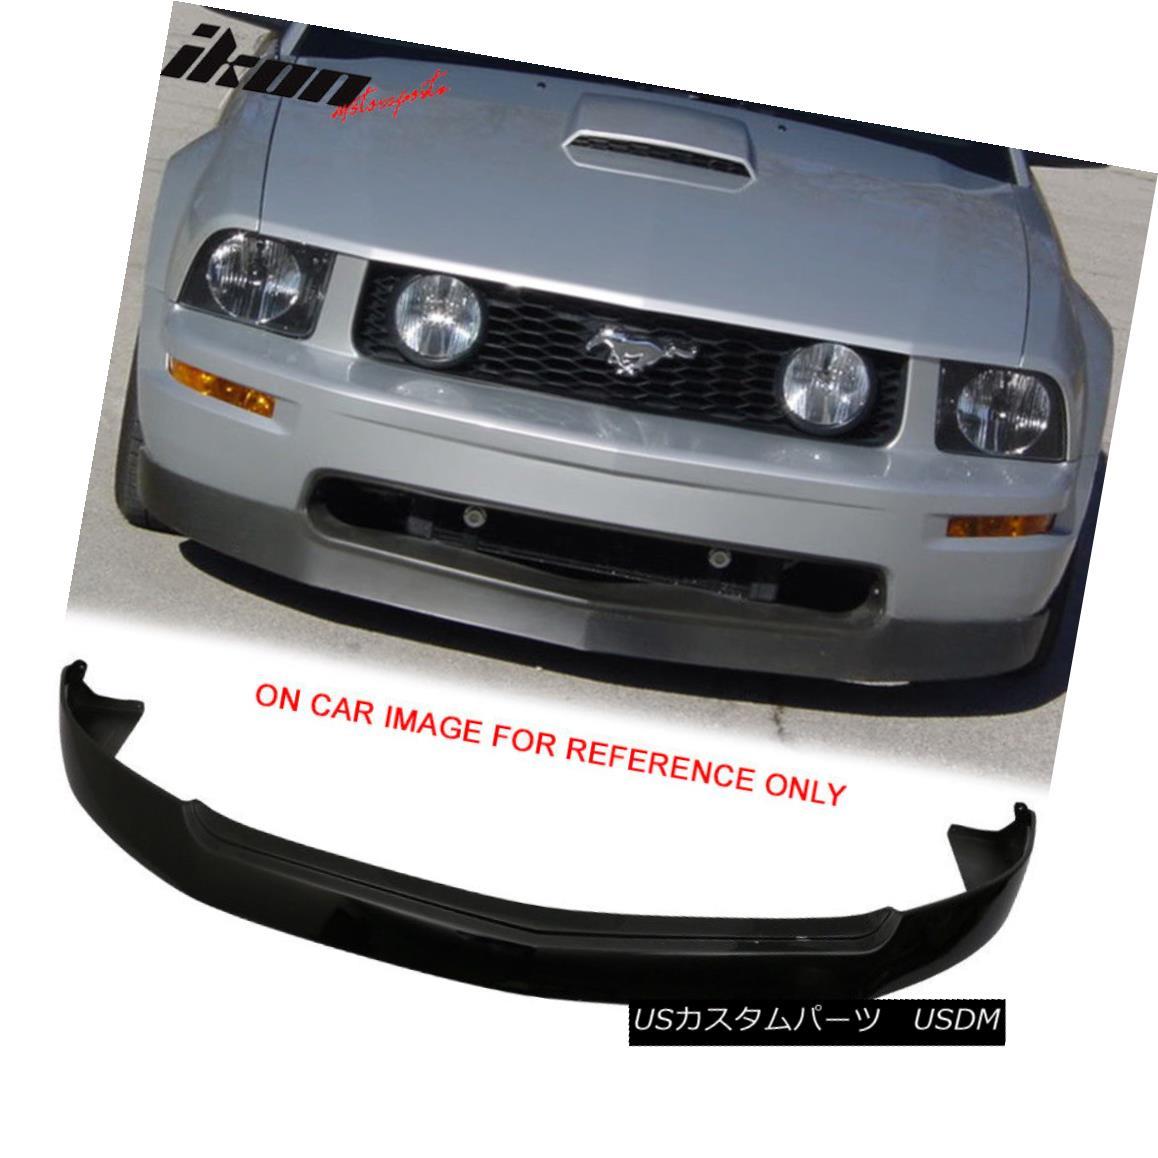 エアロパーツ Fits 05-09 Ford Mustang V8 GT 4.6L Front Bumper Lip Painted Ebony # UA フィット05-09フォードマスタングV8 GT 4.6Lフロントバンパーリップペイントエボニー#UA